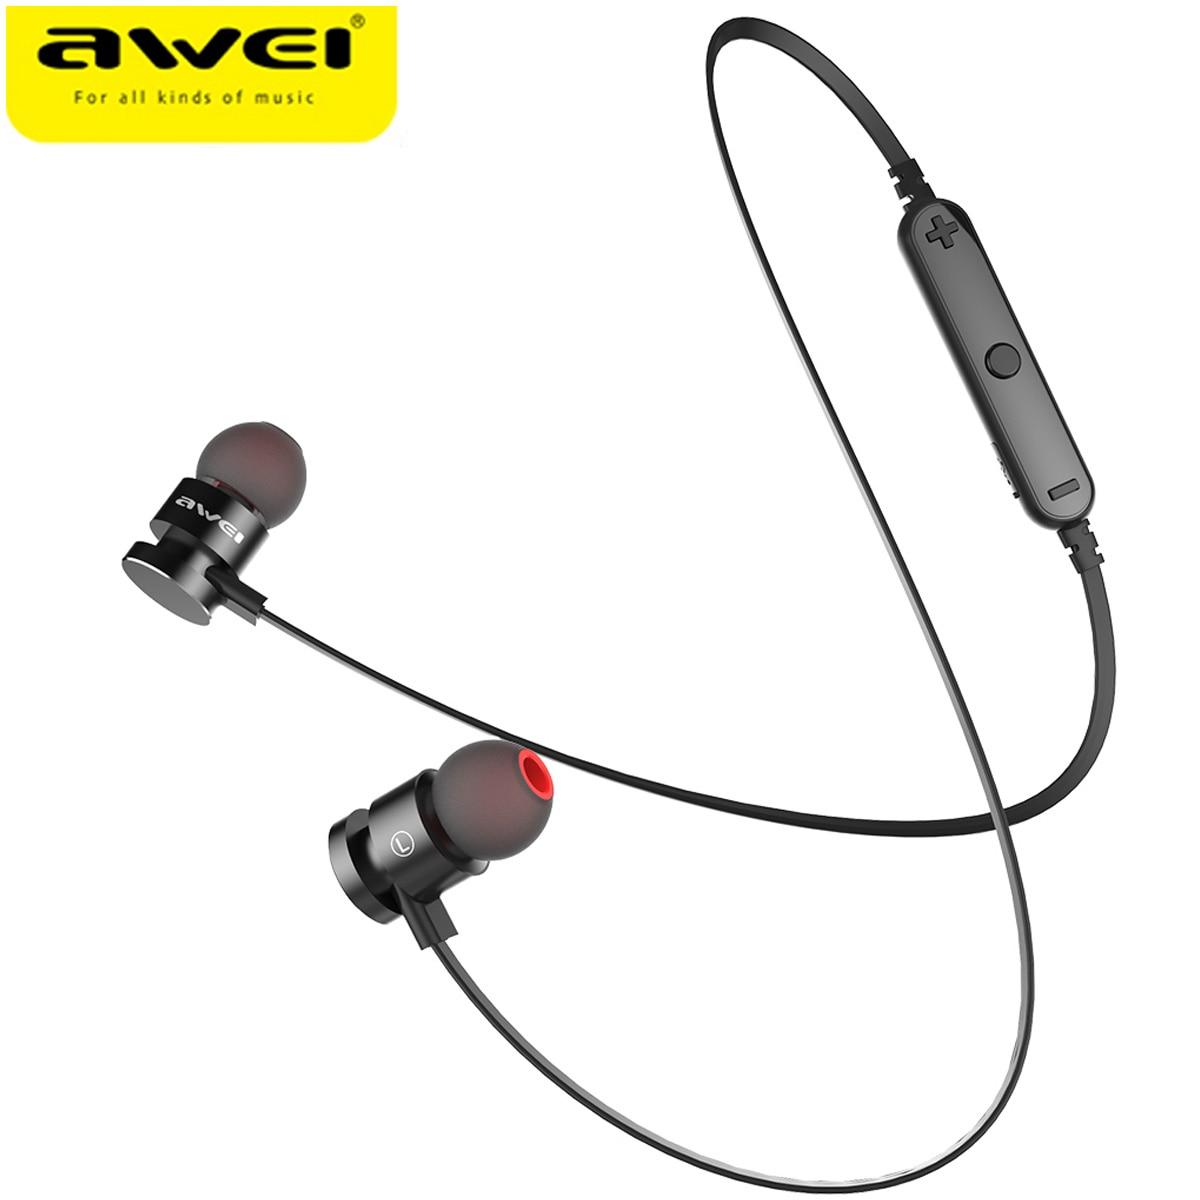 AWEI T11 Casque Sans Fil Bluetooth Écouteurs Fone de ouvido Pour Téléphone Kulakl k Neckband Ecouteur Auriculares Bluetooth V4.2